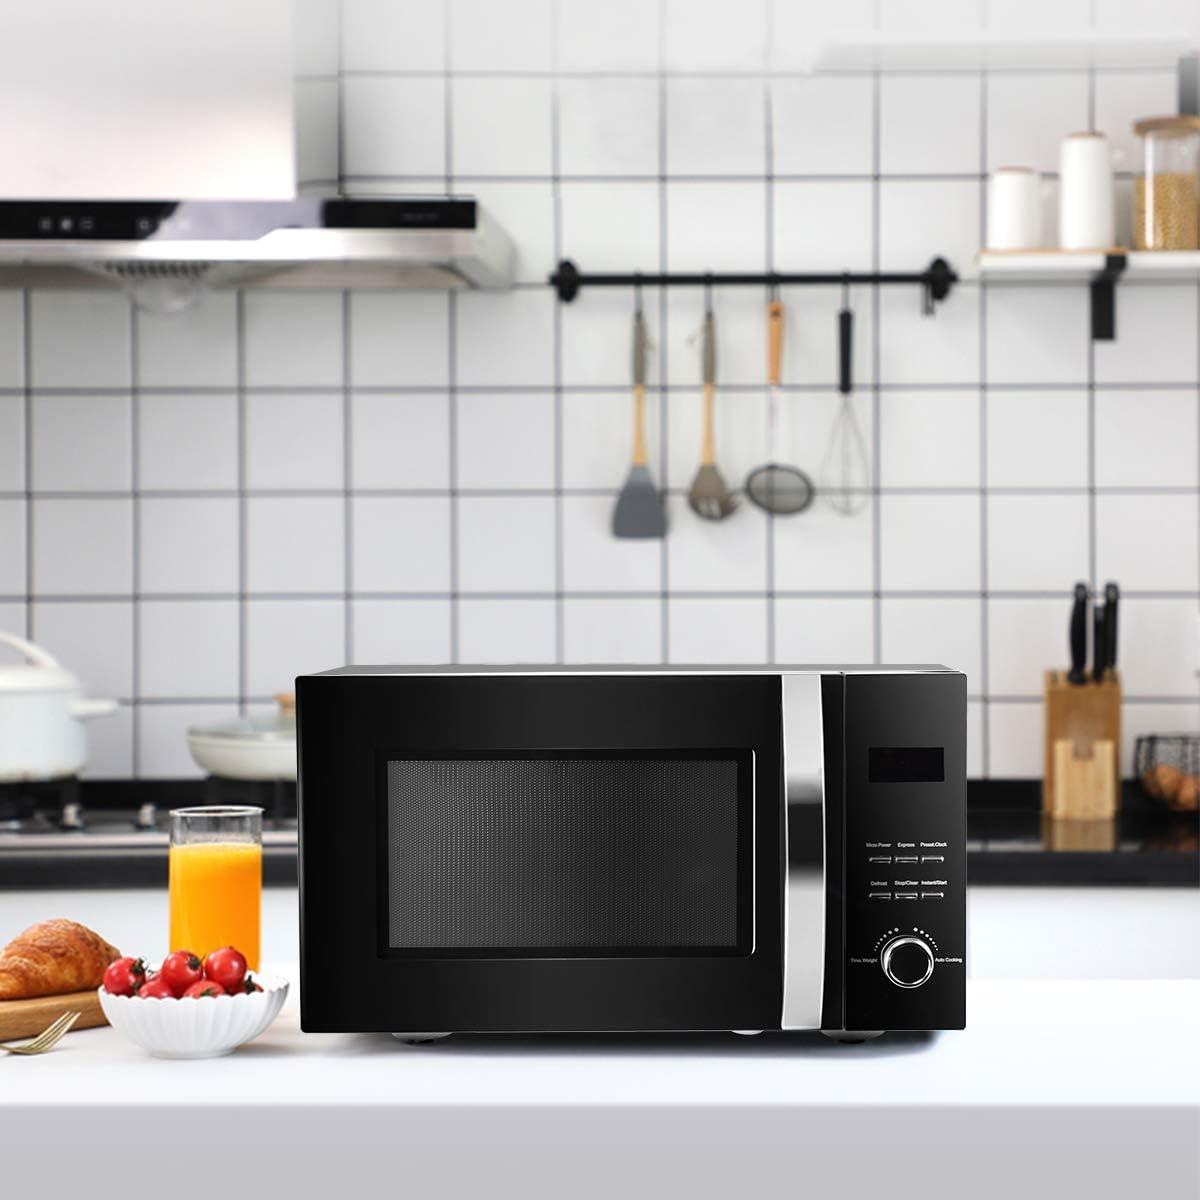 DREAMADE - Microondas con grill (acero inoxidable, microondas multifunción, 23 L, 800 W, temporizador), color negro: Amazon.es: Grandes electrodomésticos